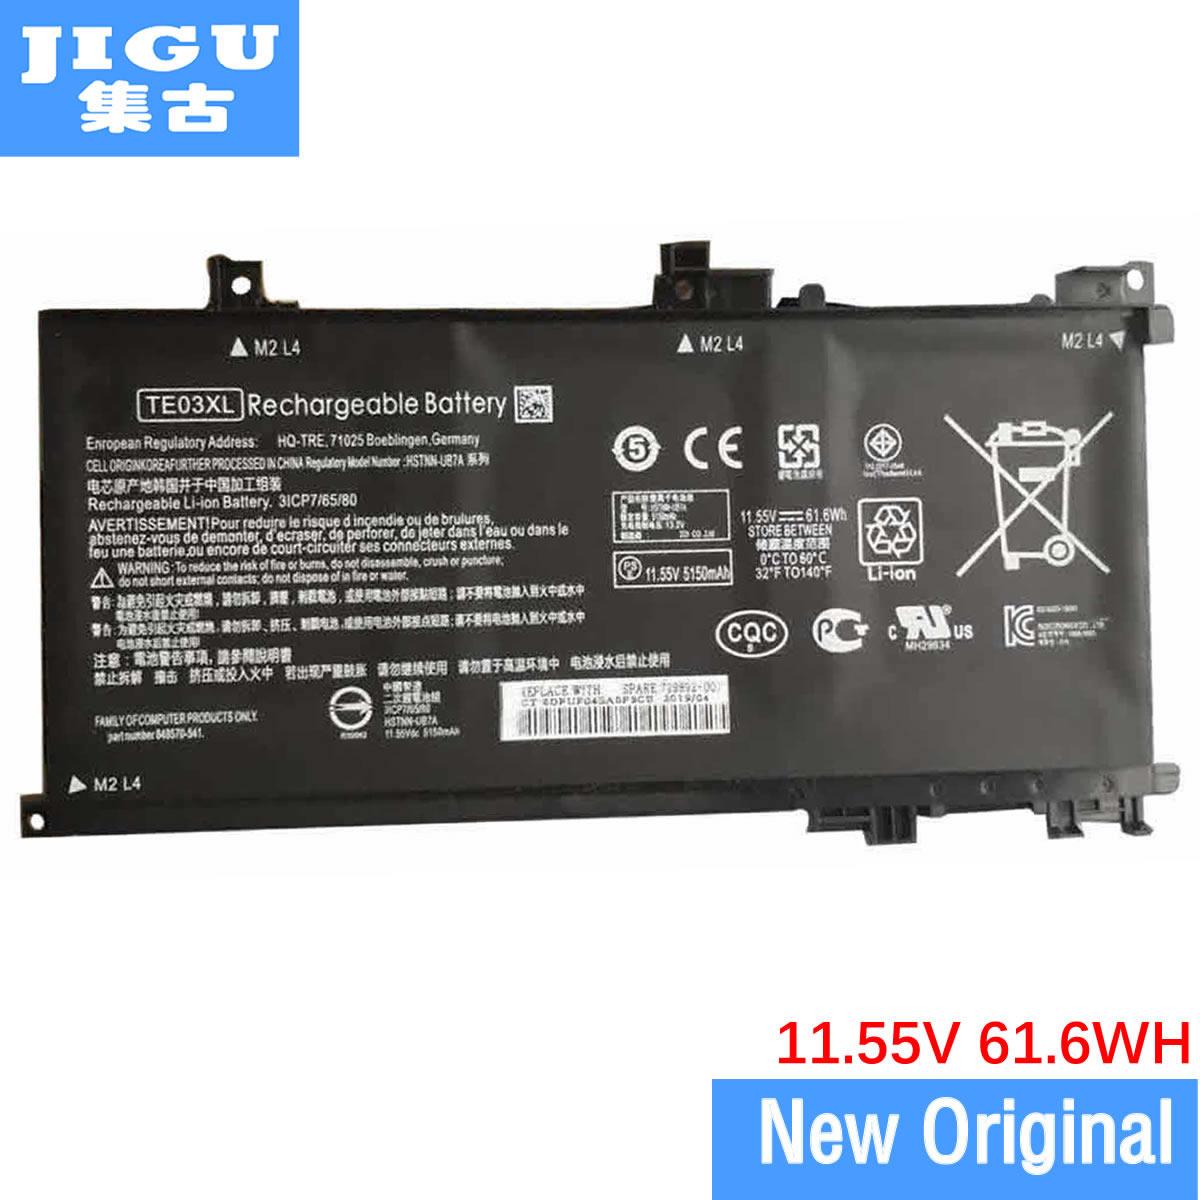 JIGU الأصلي بطارية كمبيوتر محمول 849570-543 HSTNN-UB7A TE03XL ل HP 15-AX003NF 15-AX003NO 15-AX001NC 15-AX002NA 15-AX003NL